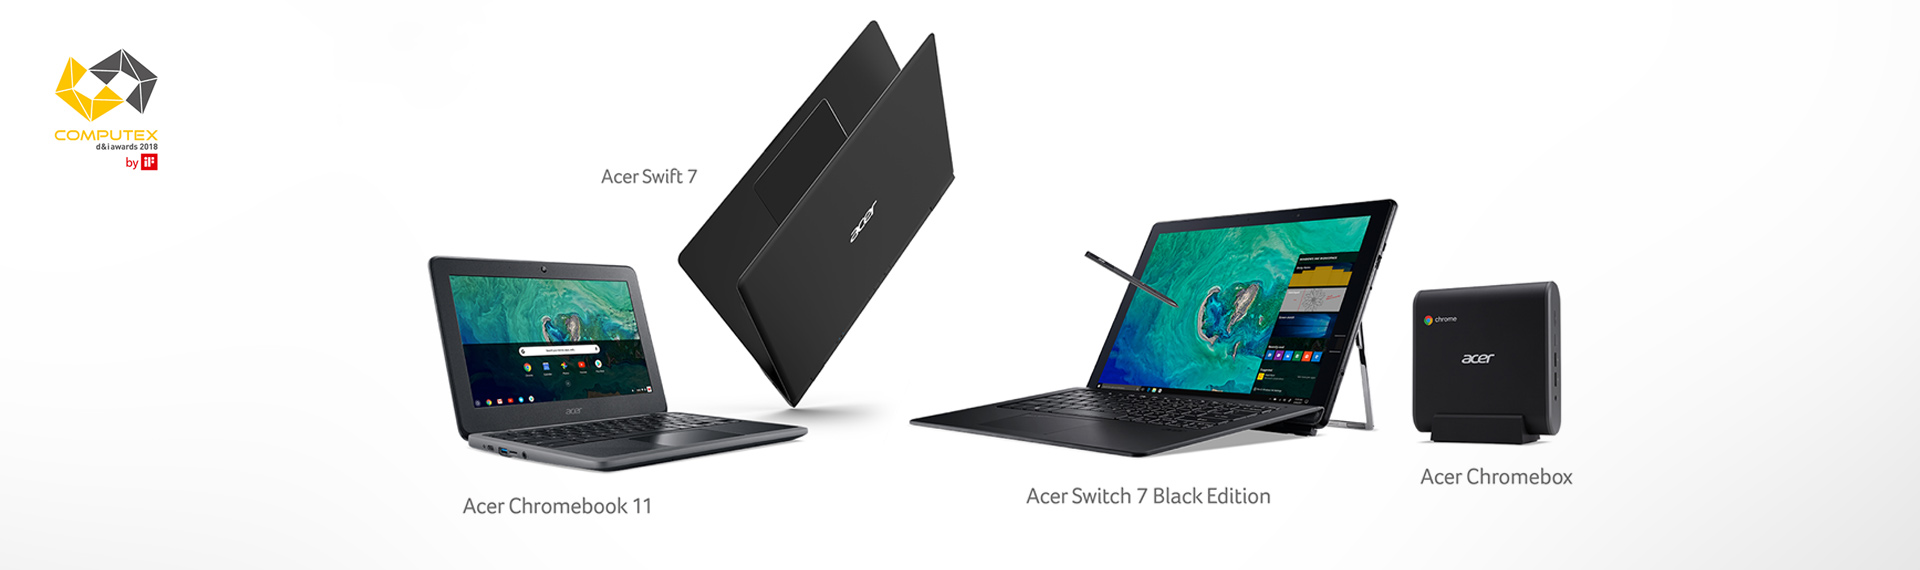 Acer Chromebook 11 Raih Gold Awards untuk Penghargaan Inovasi Teknologi!